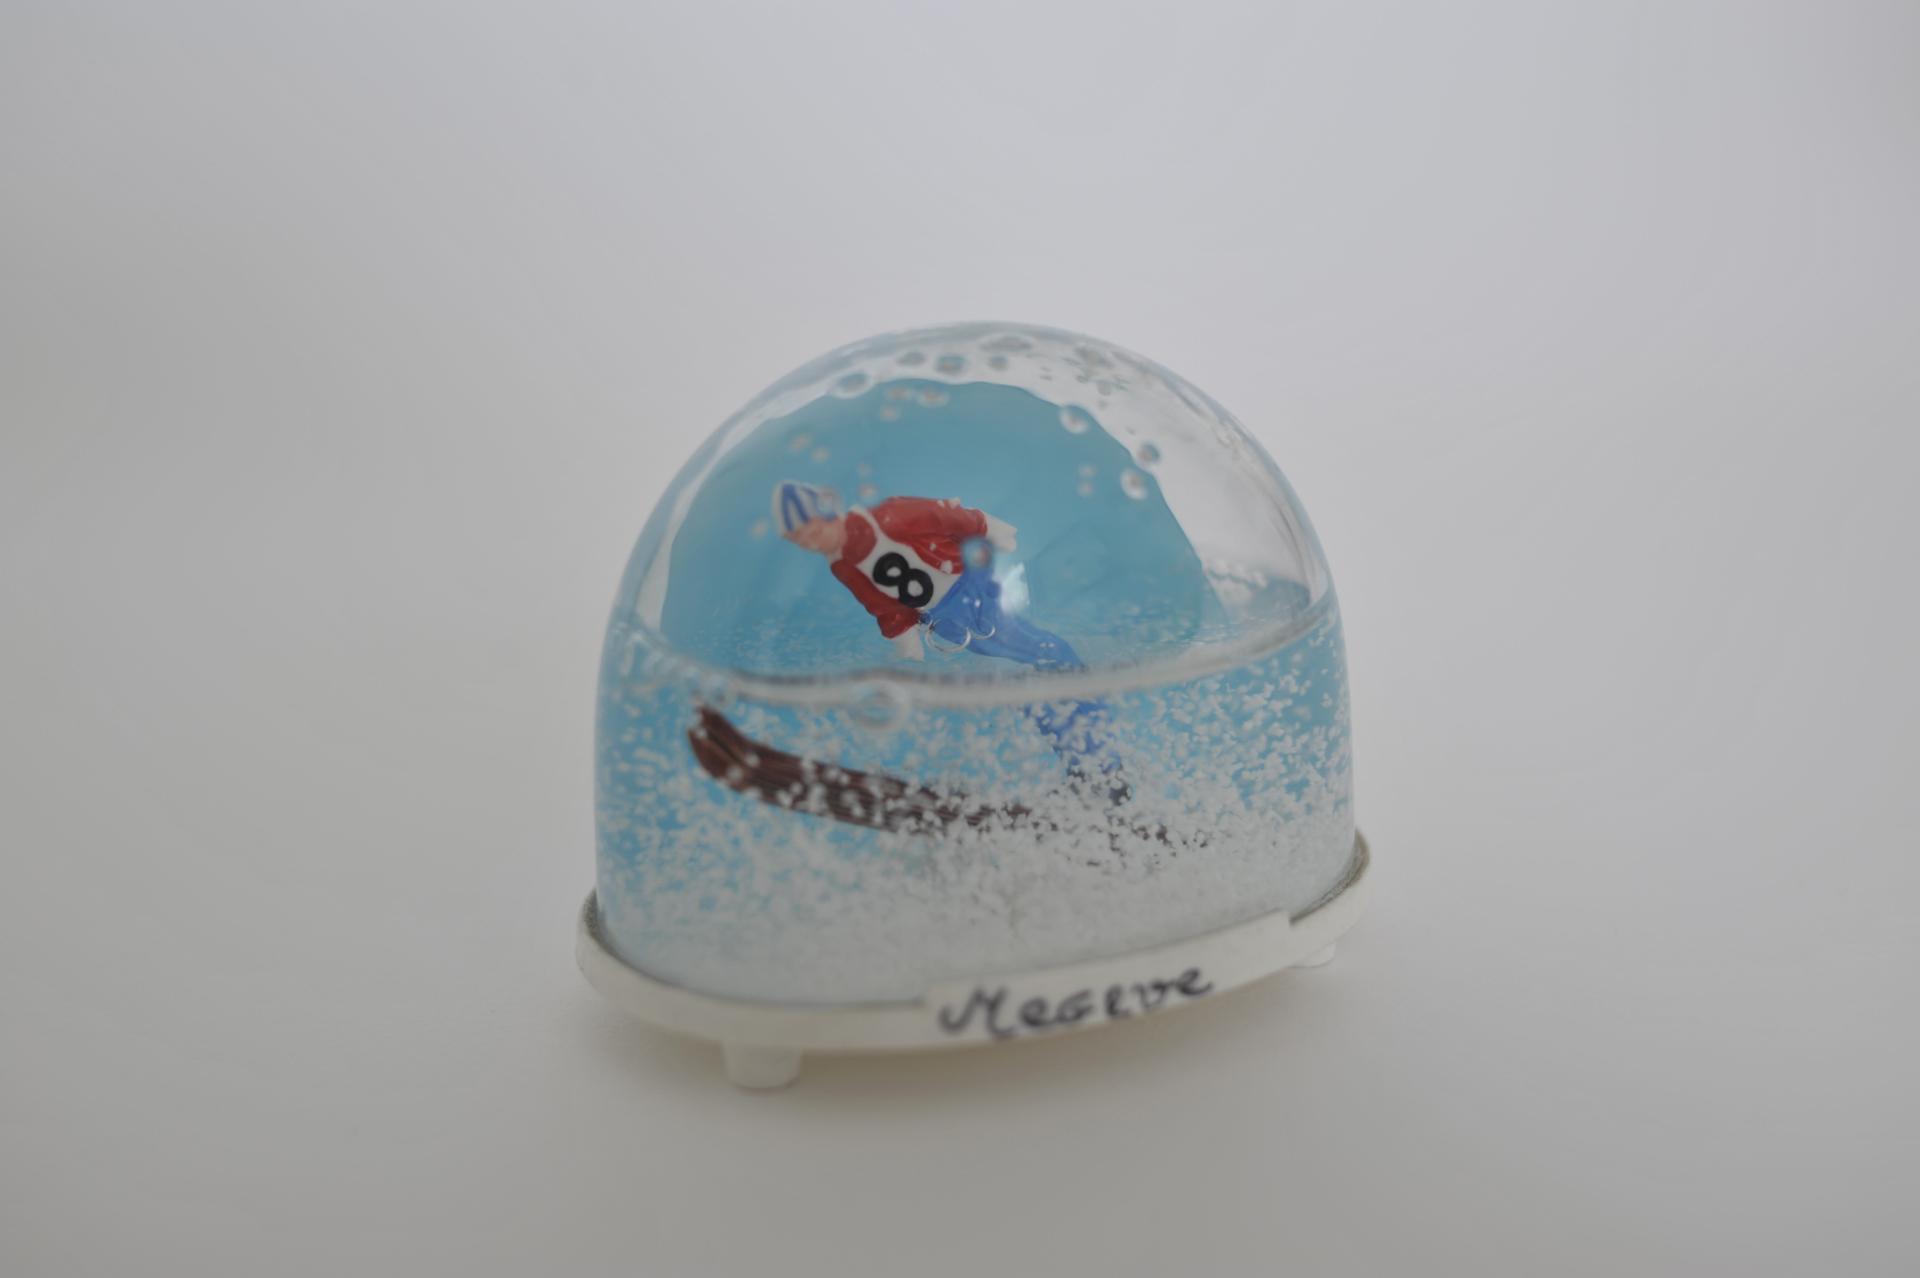 4. bolla di neve con sciatore